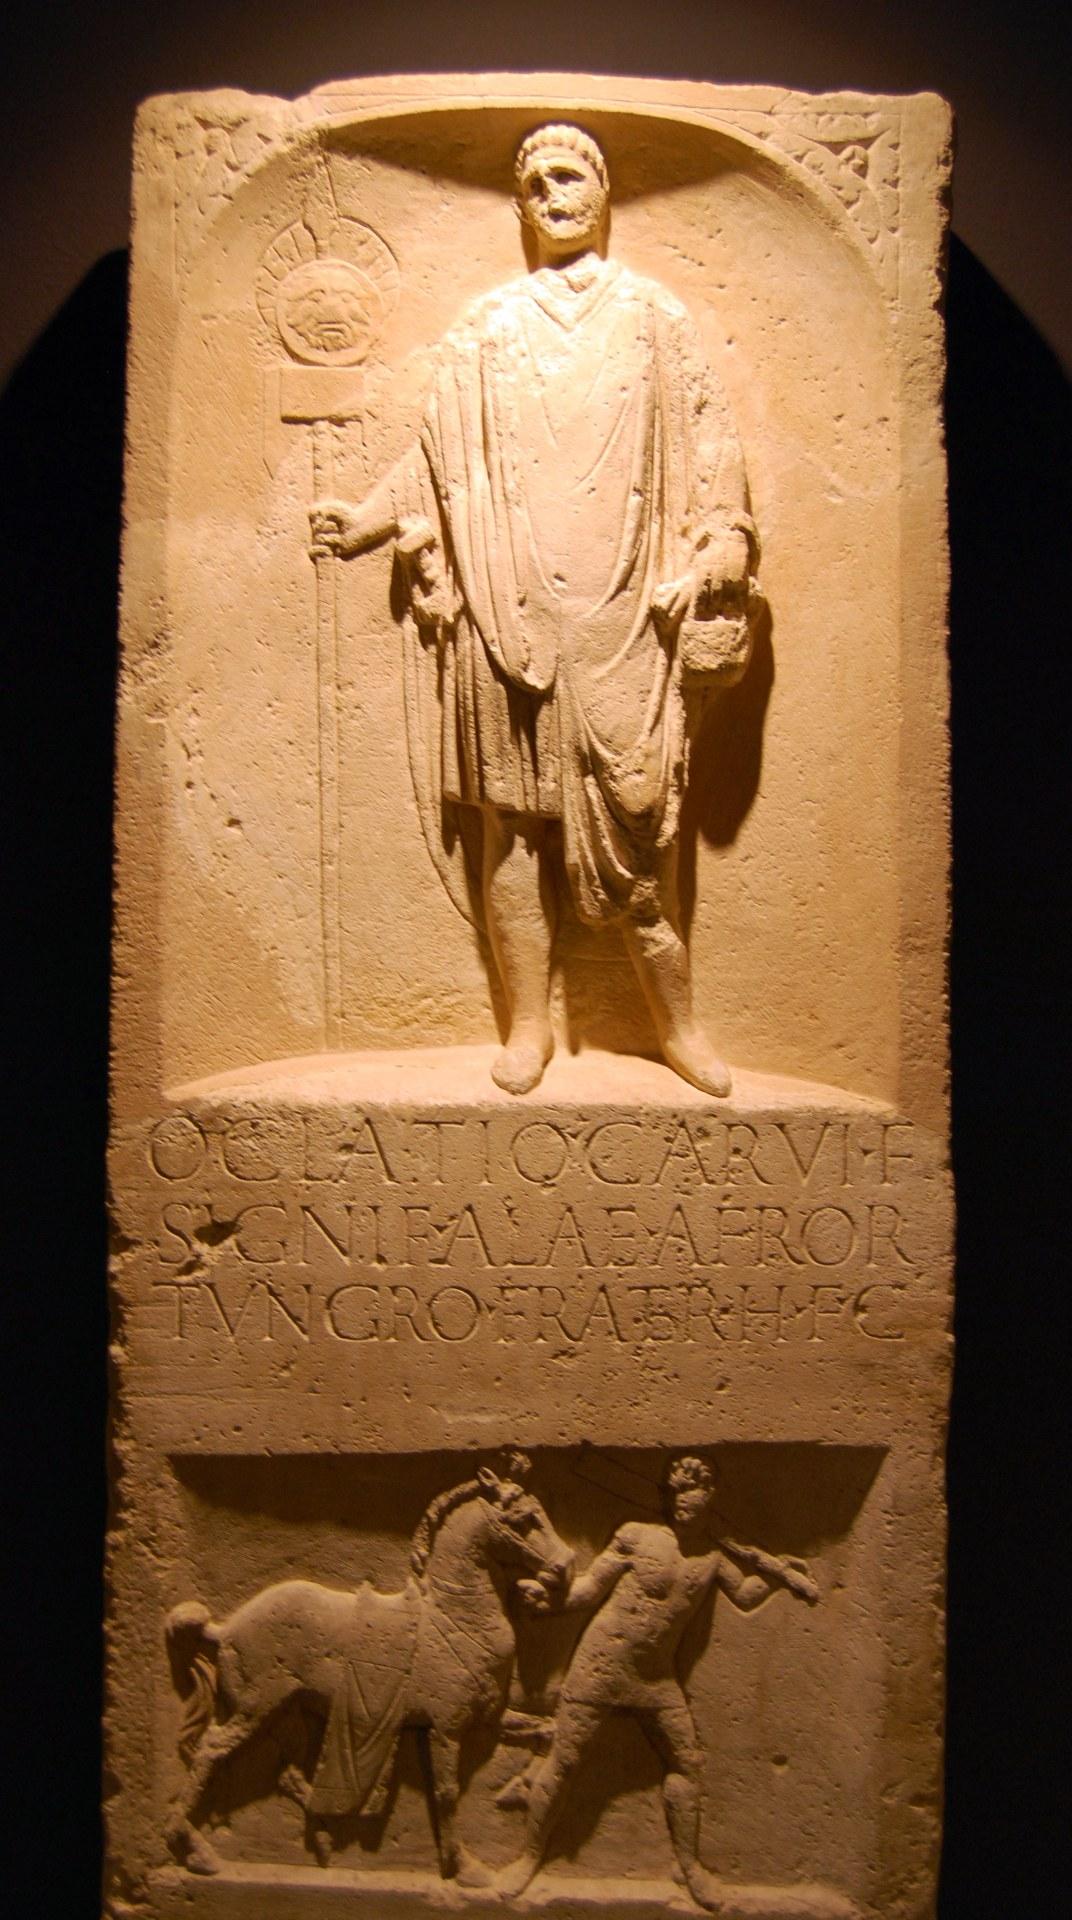 1506 Roemische Muenzen aus Nordafrika in Neuss - Grabstein des Oclatius Soldat der Ala Afrorum in Neuss.jpg